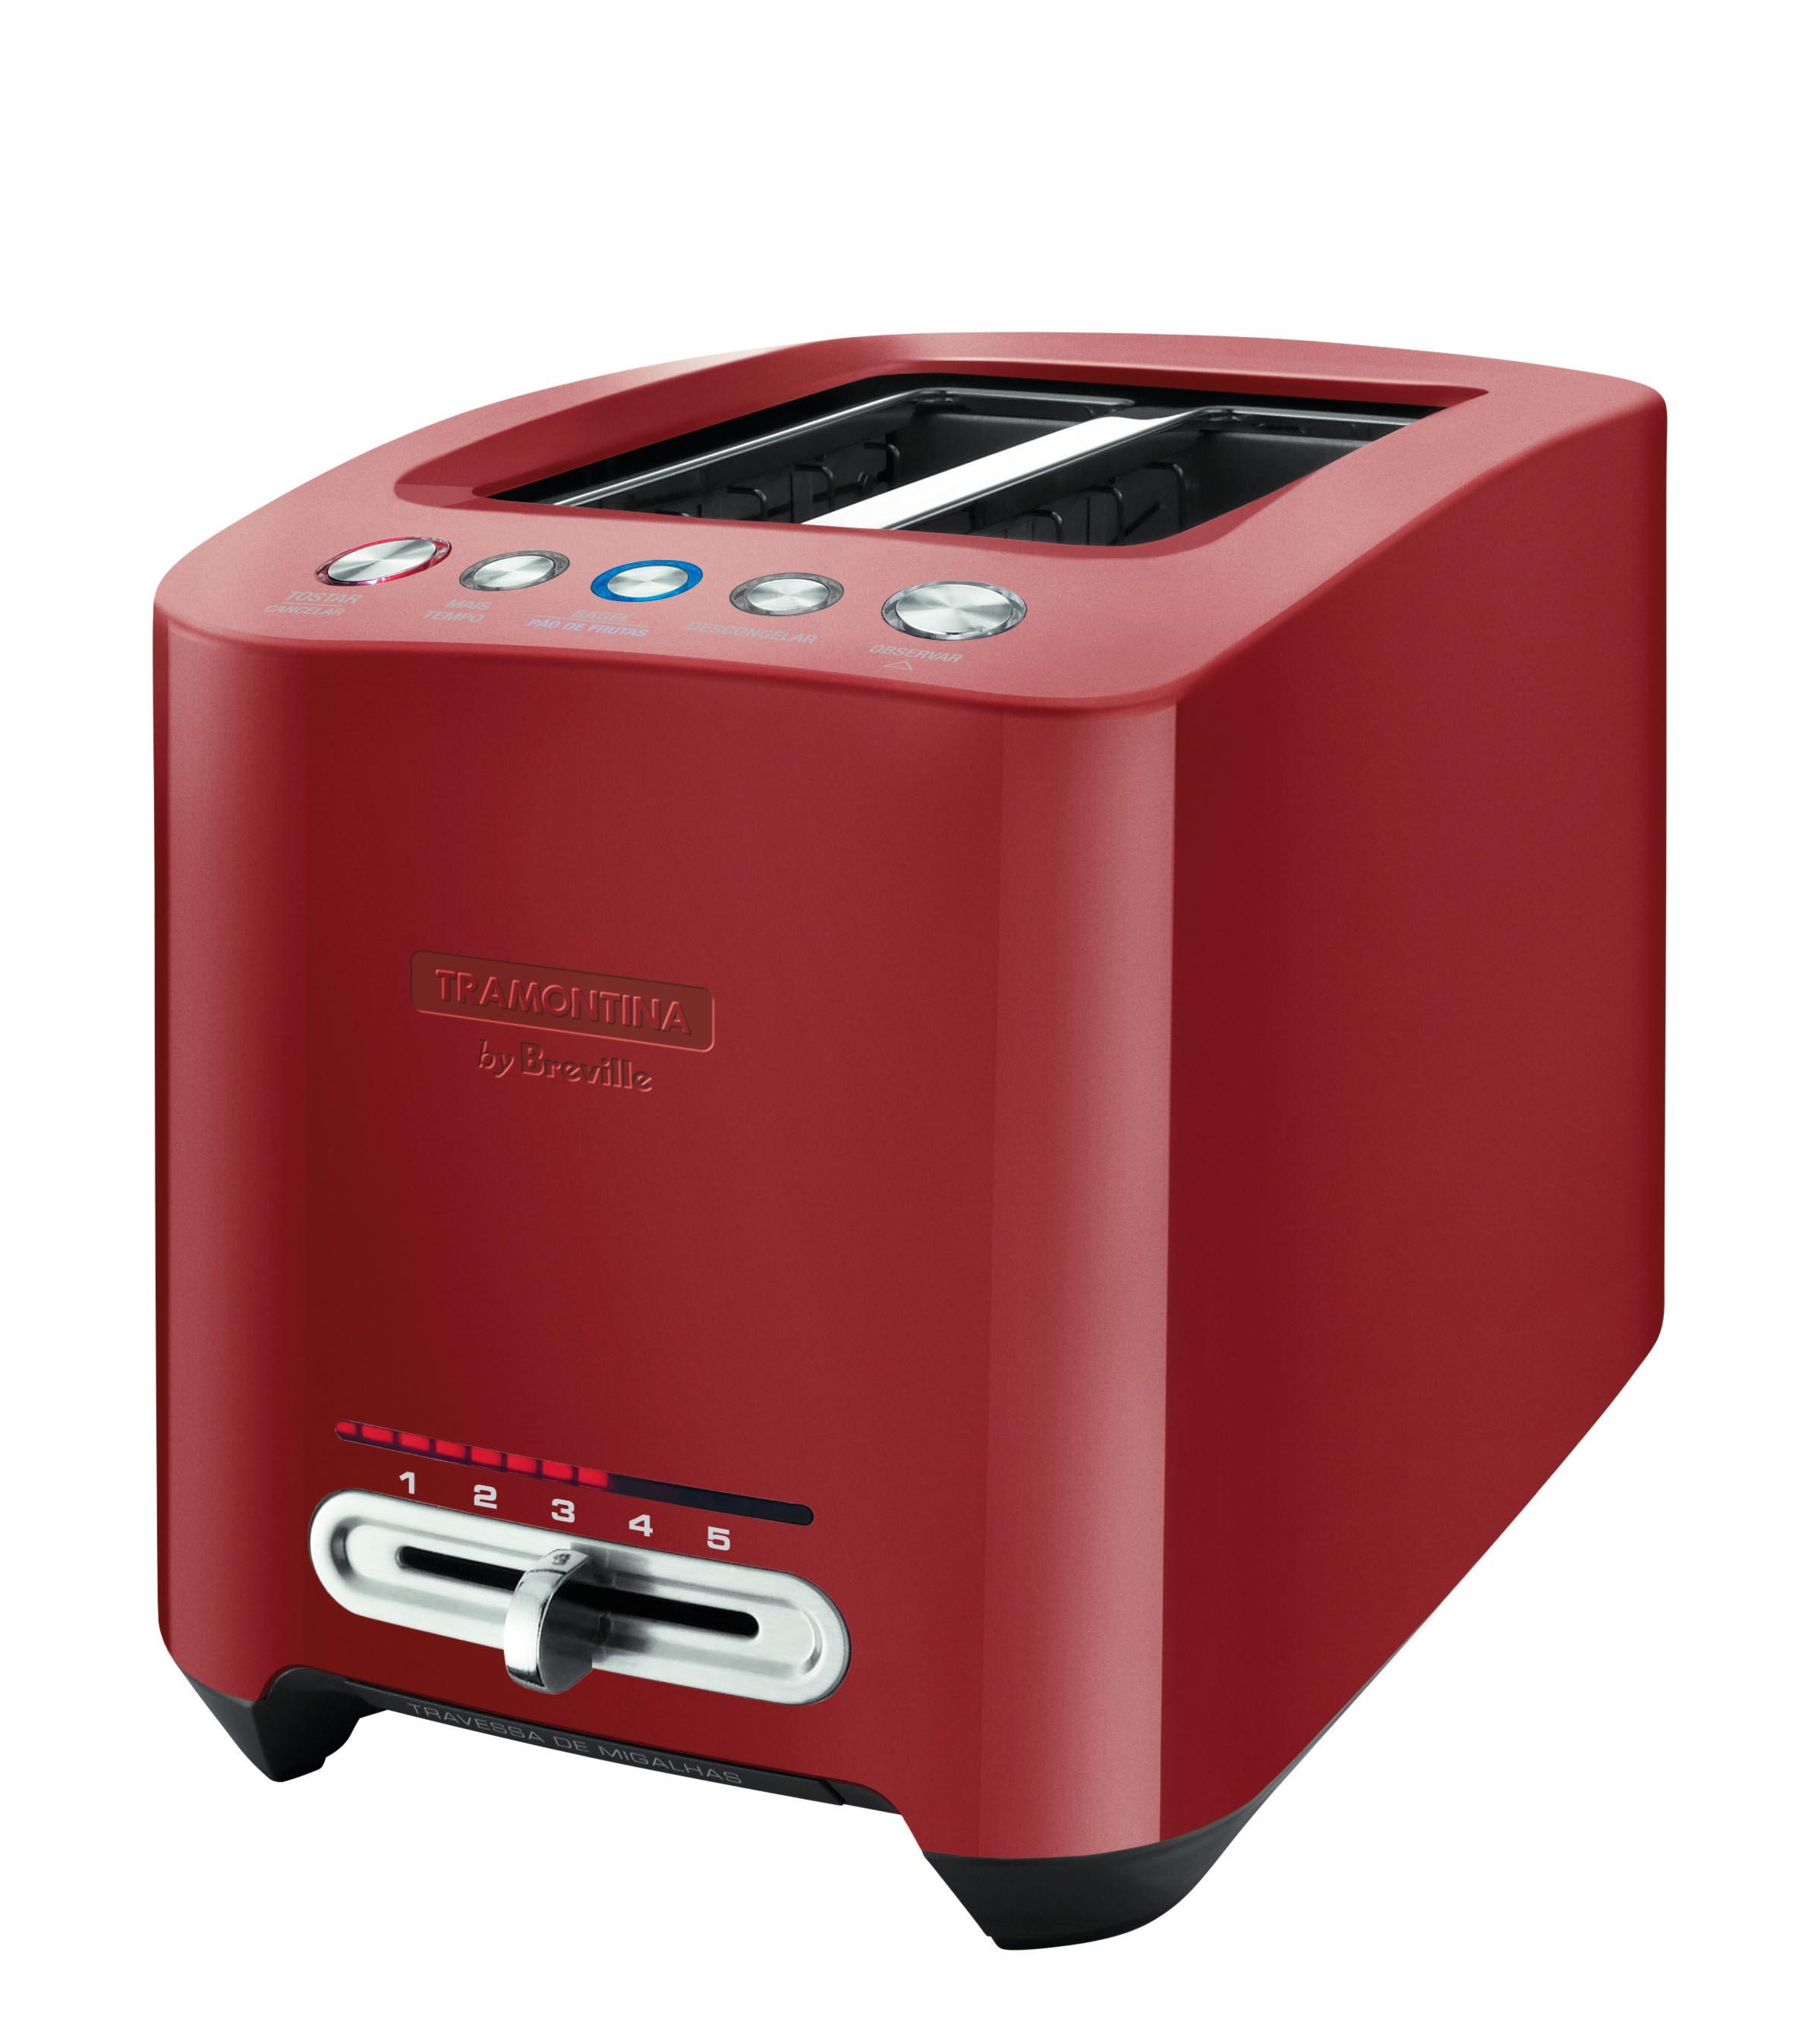 Torradeira Smart 127V Aço Inox Vermelha By Breville 69045021 Tramontina